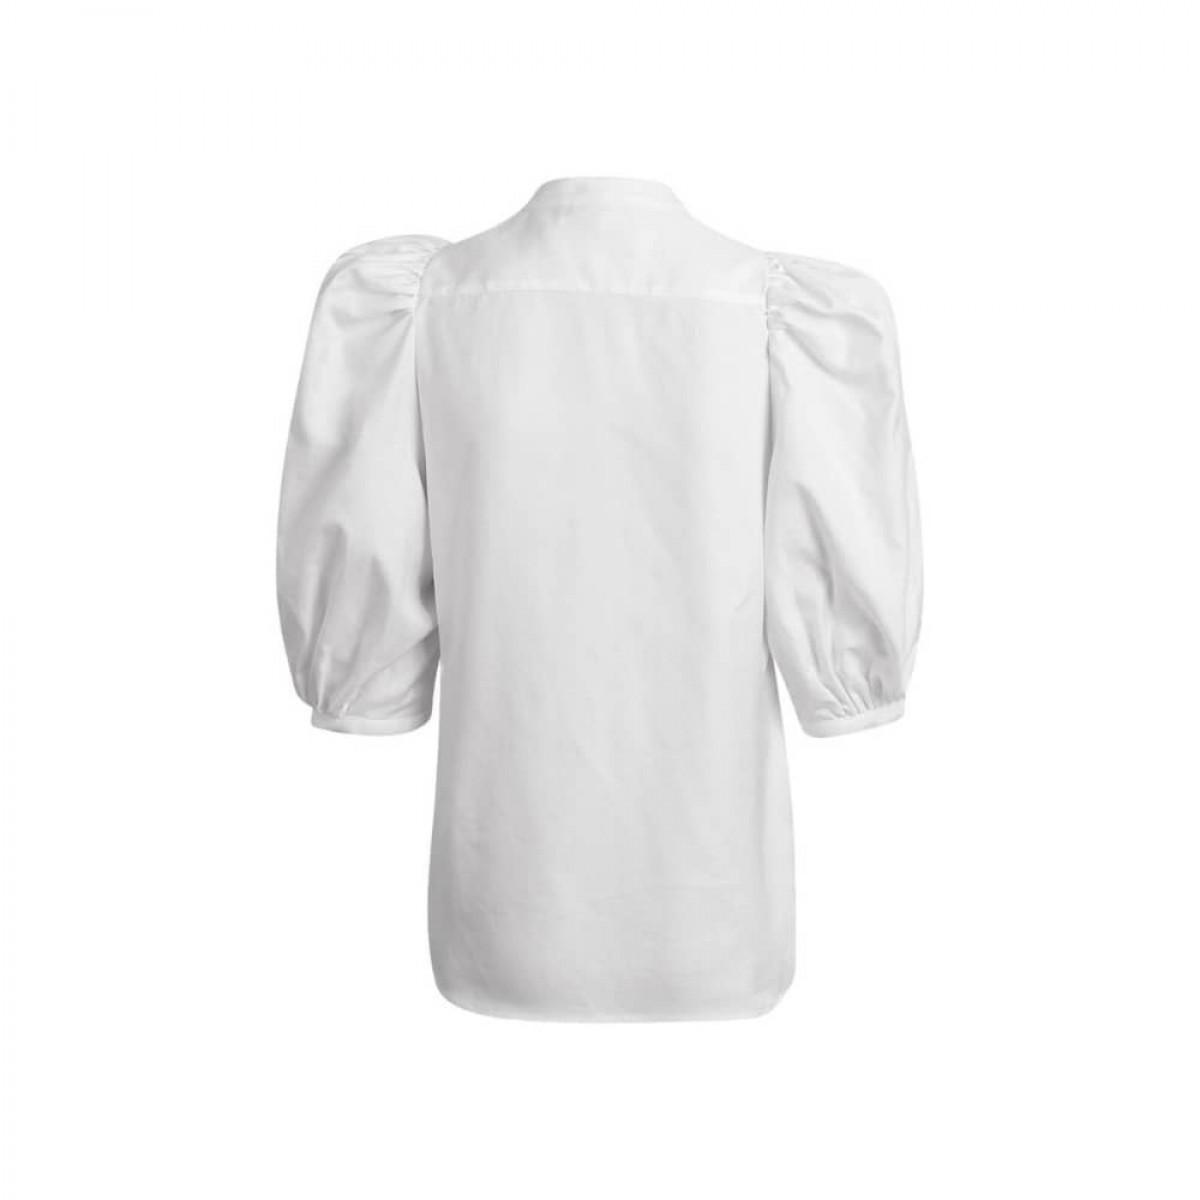 dalia skjorte - white - bag